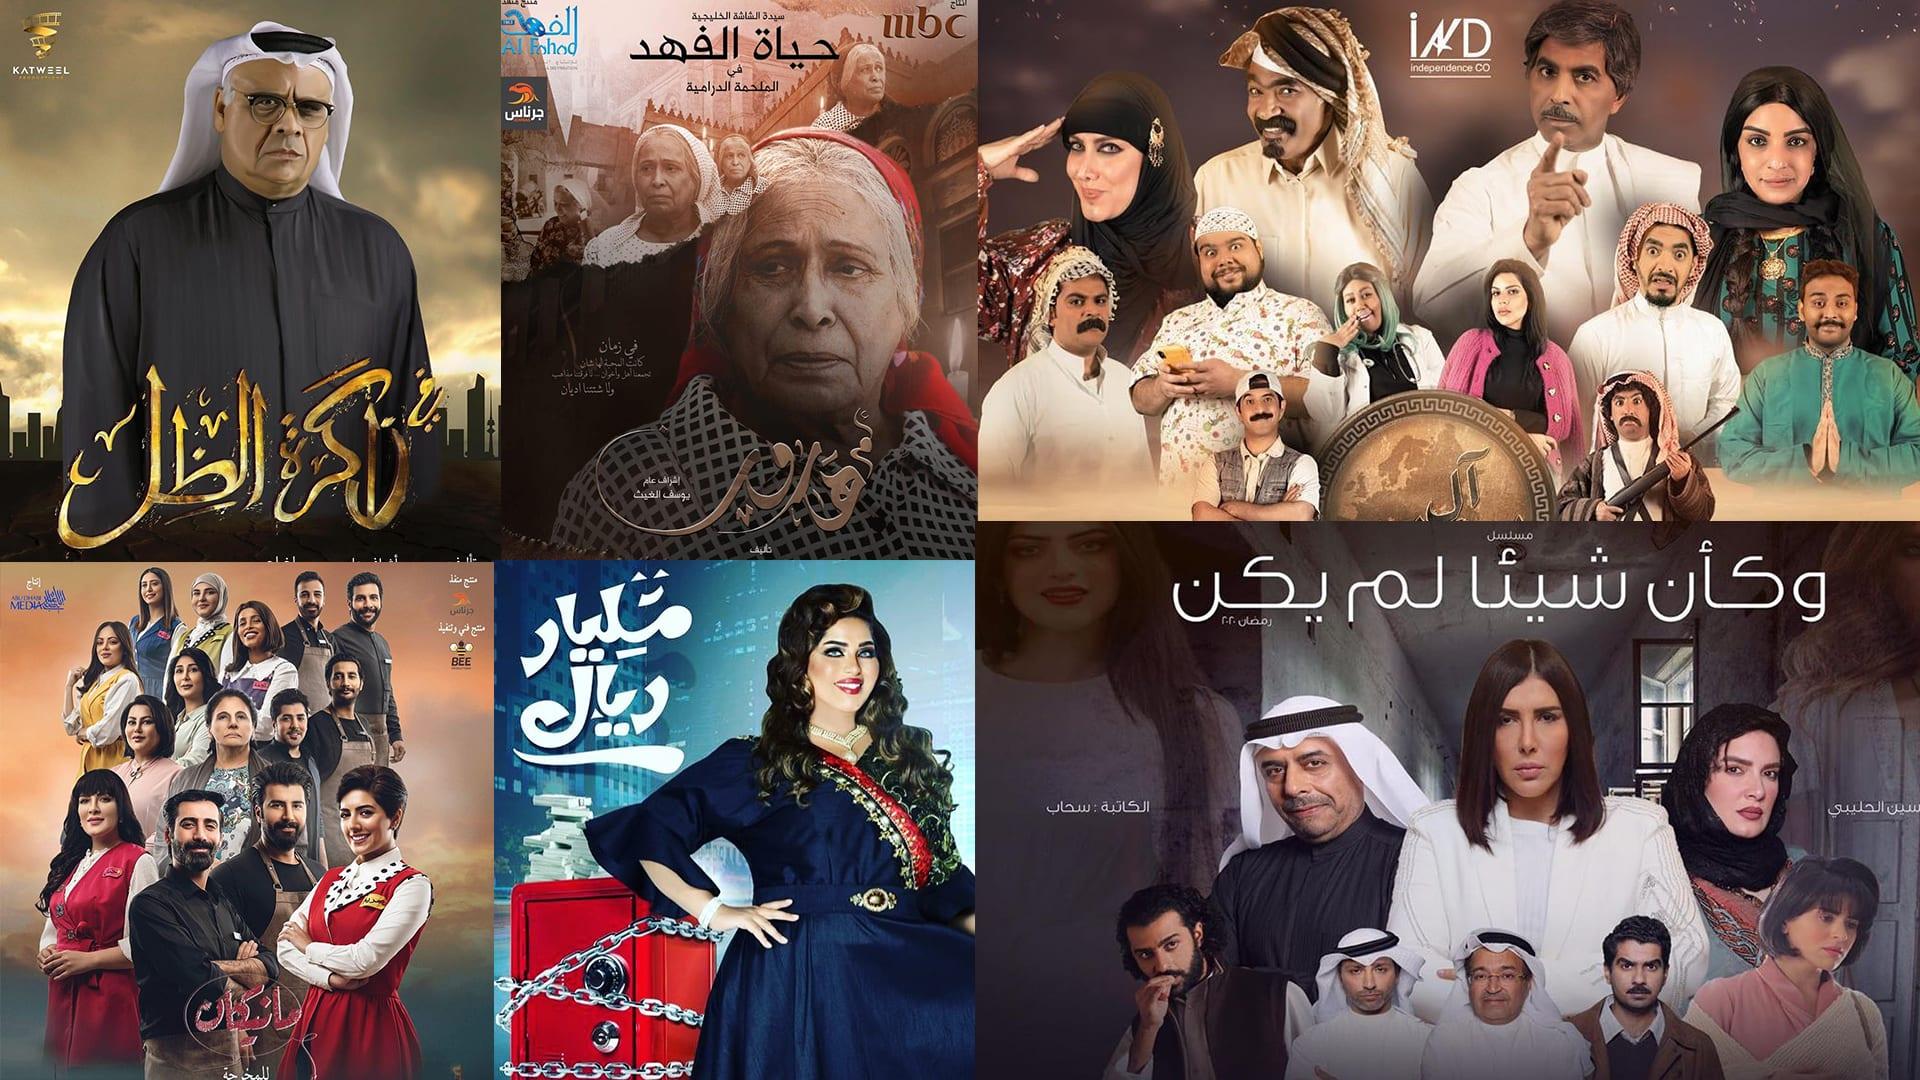 الدراما الخليجية في رمضان 2020